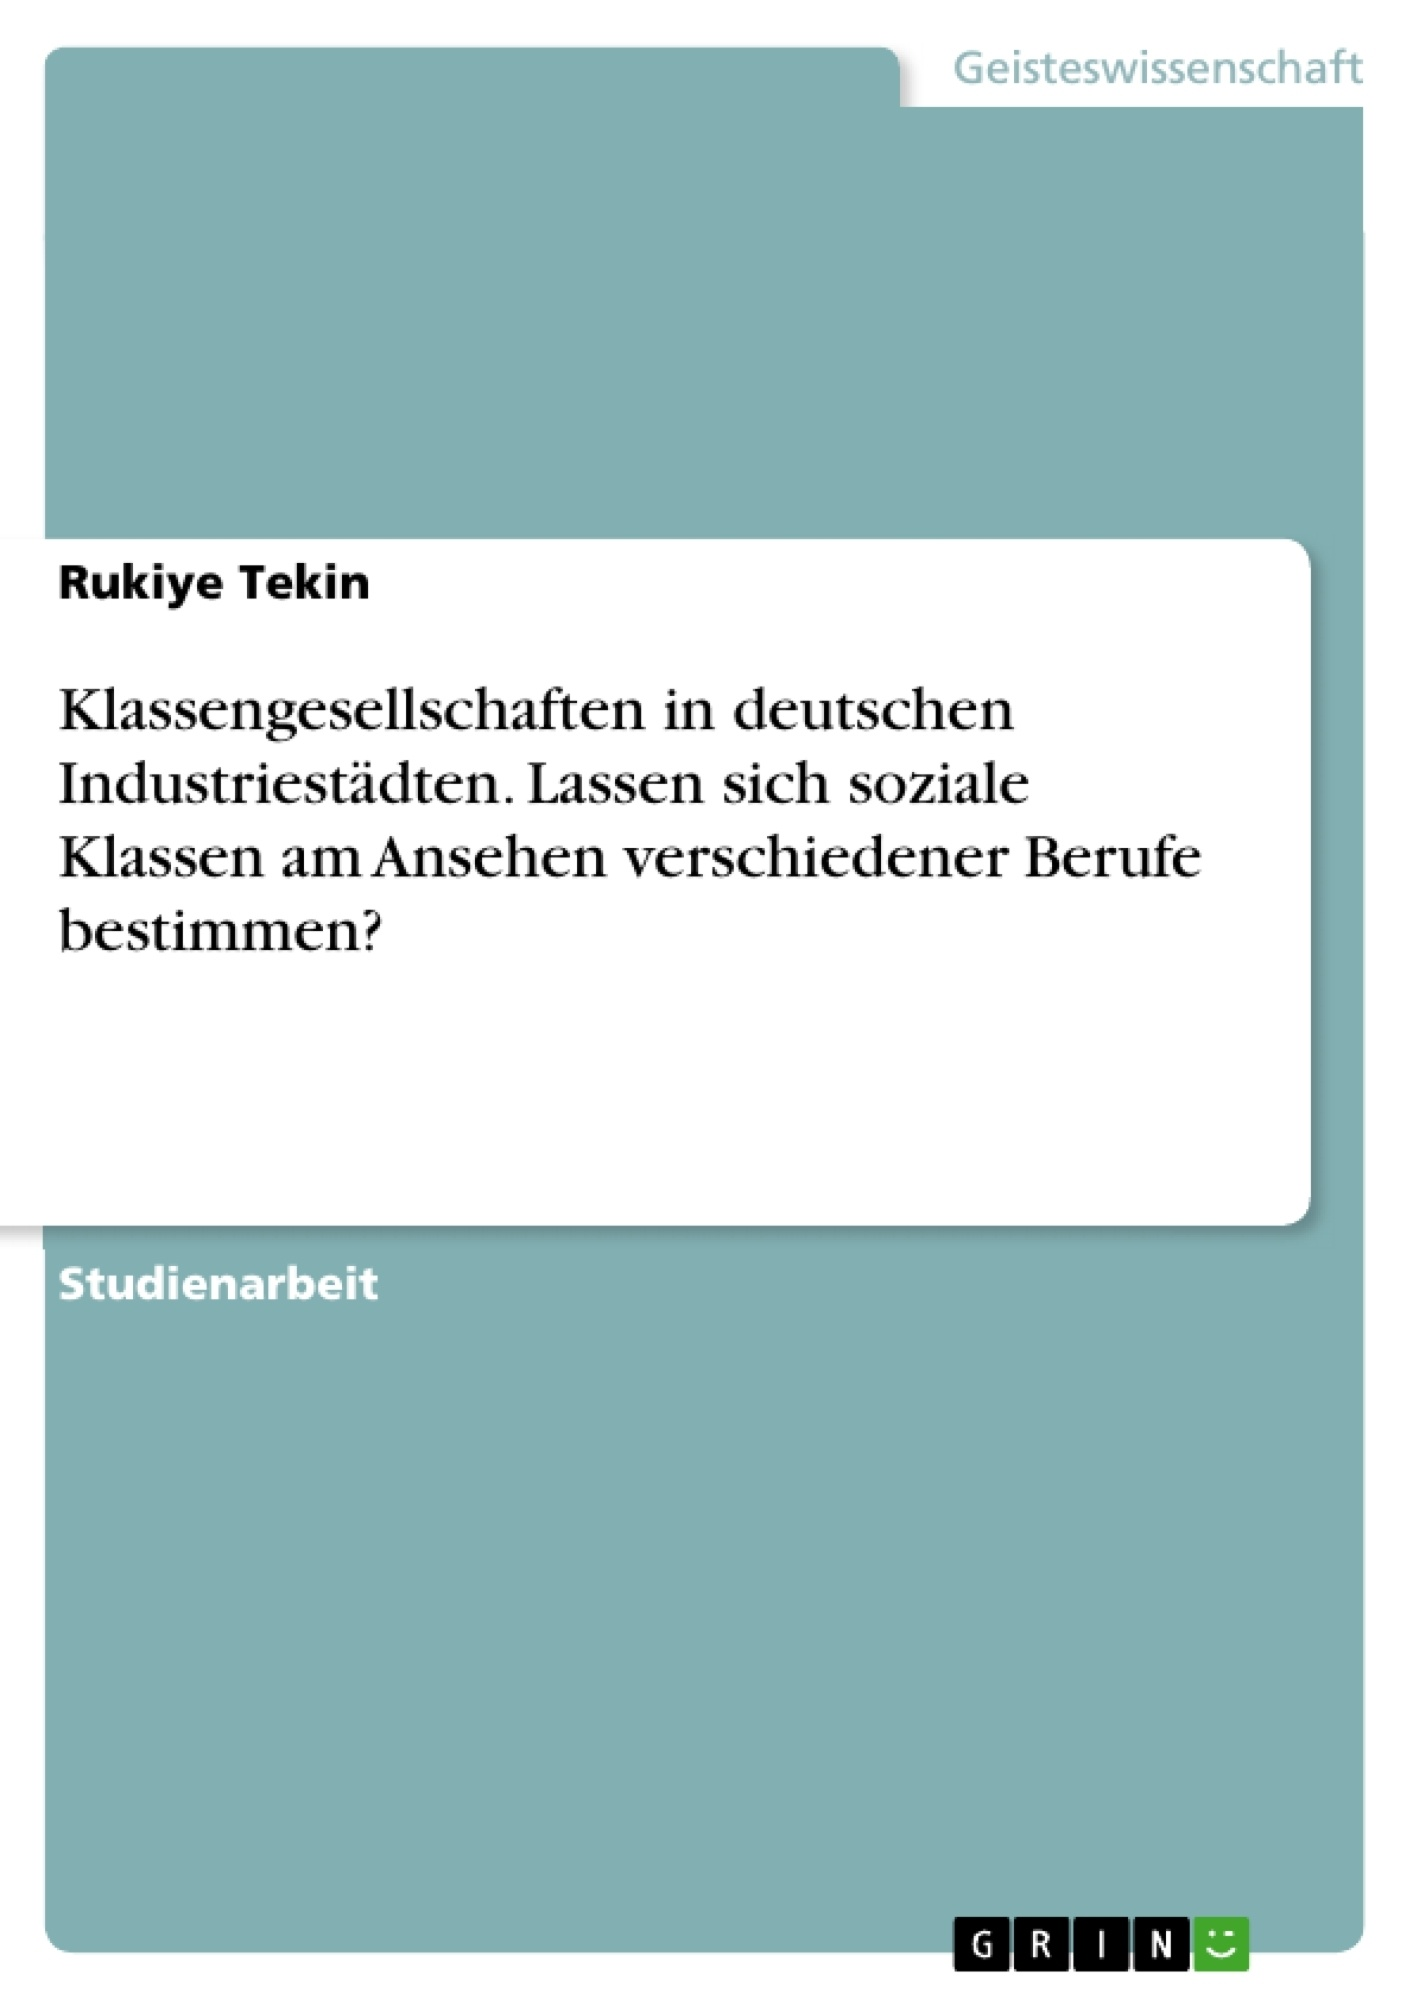 Titel: Klassengesellschaften in deutschen Industriestädten. Lassen sich soziale Klassen am Ansehen verschiedener Berufe bestimmen?